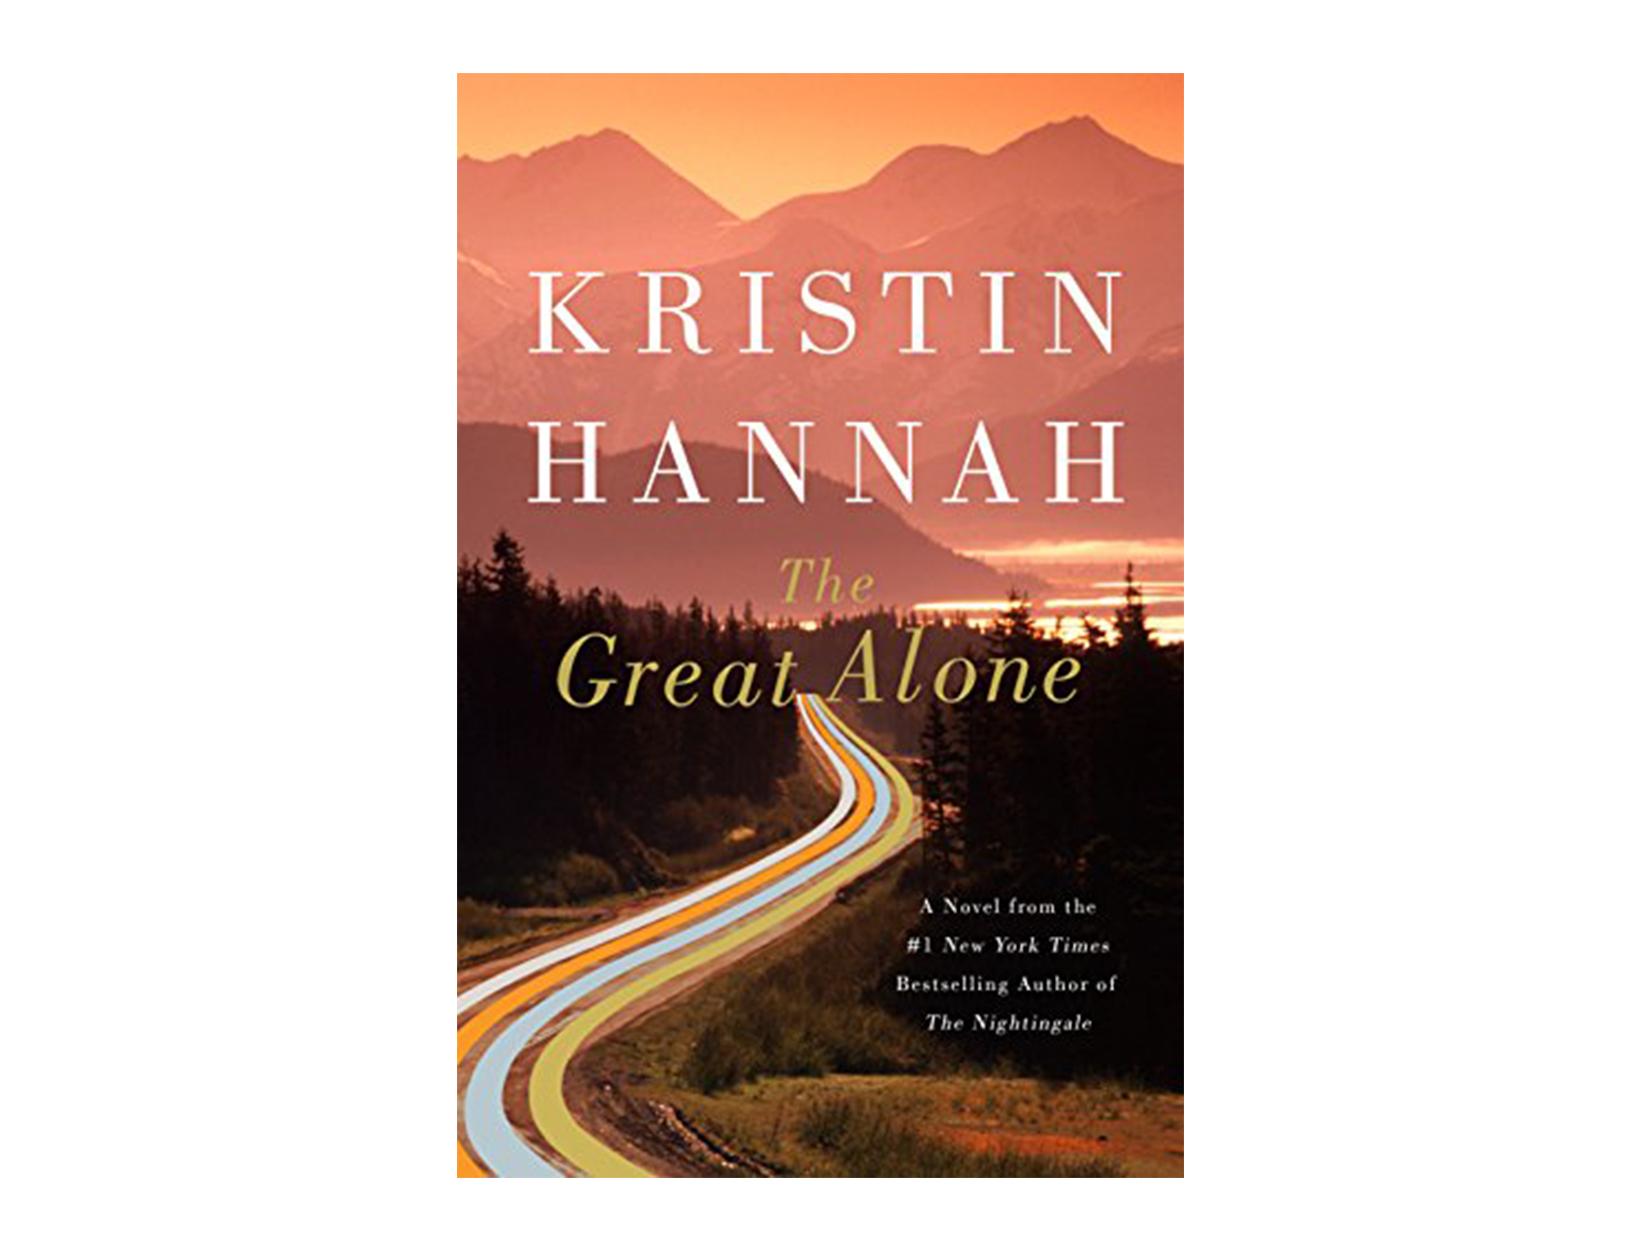 <em>The Great Alone</em> by Kristin Hannah